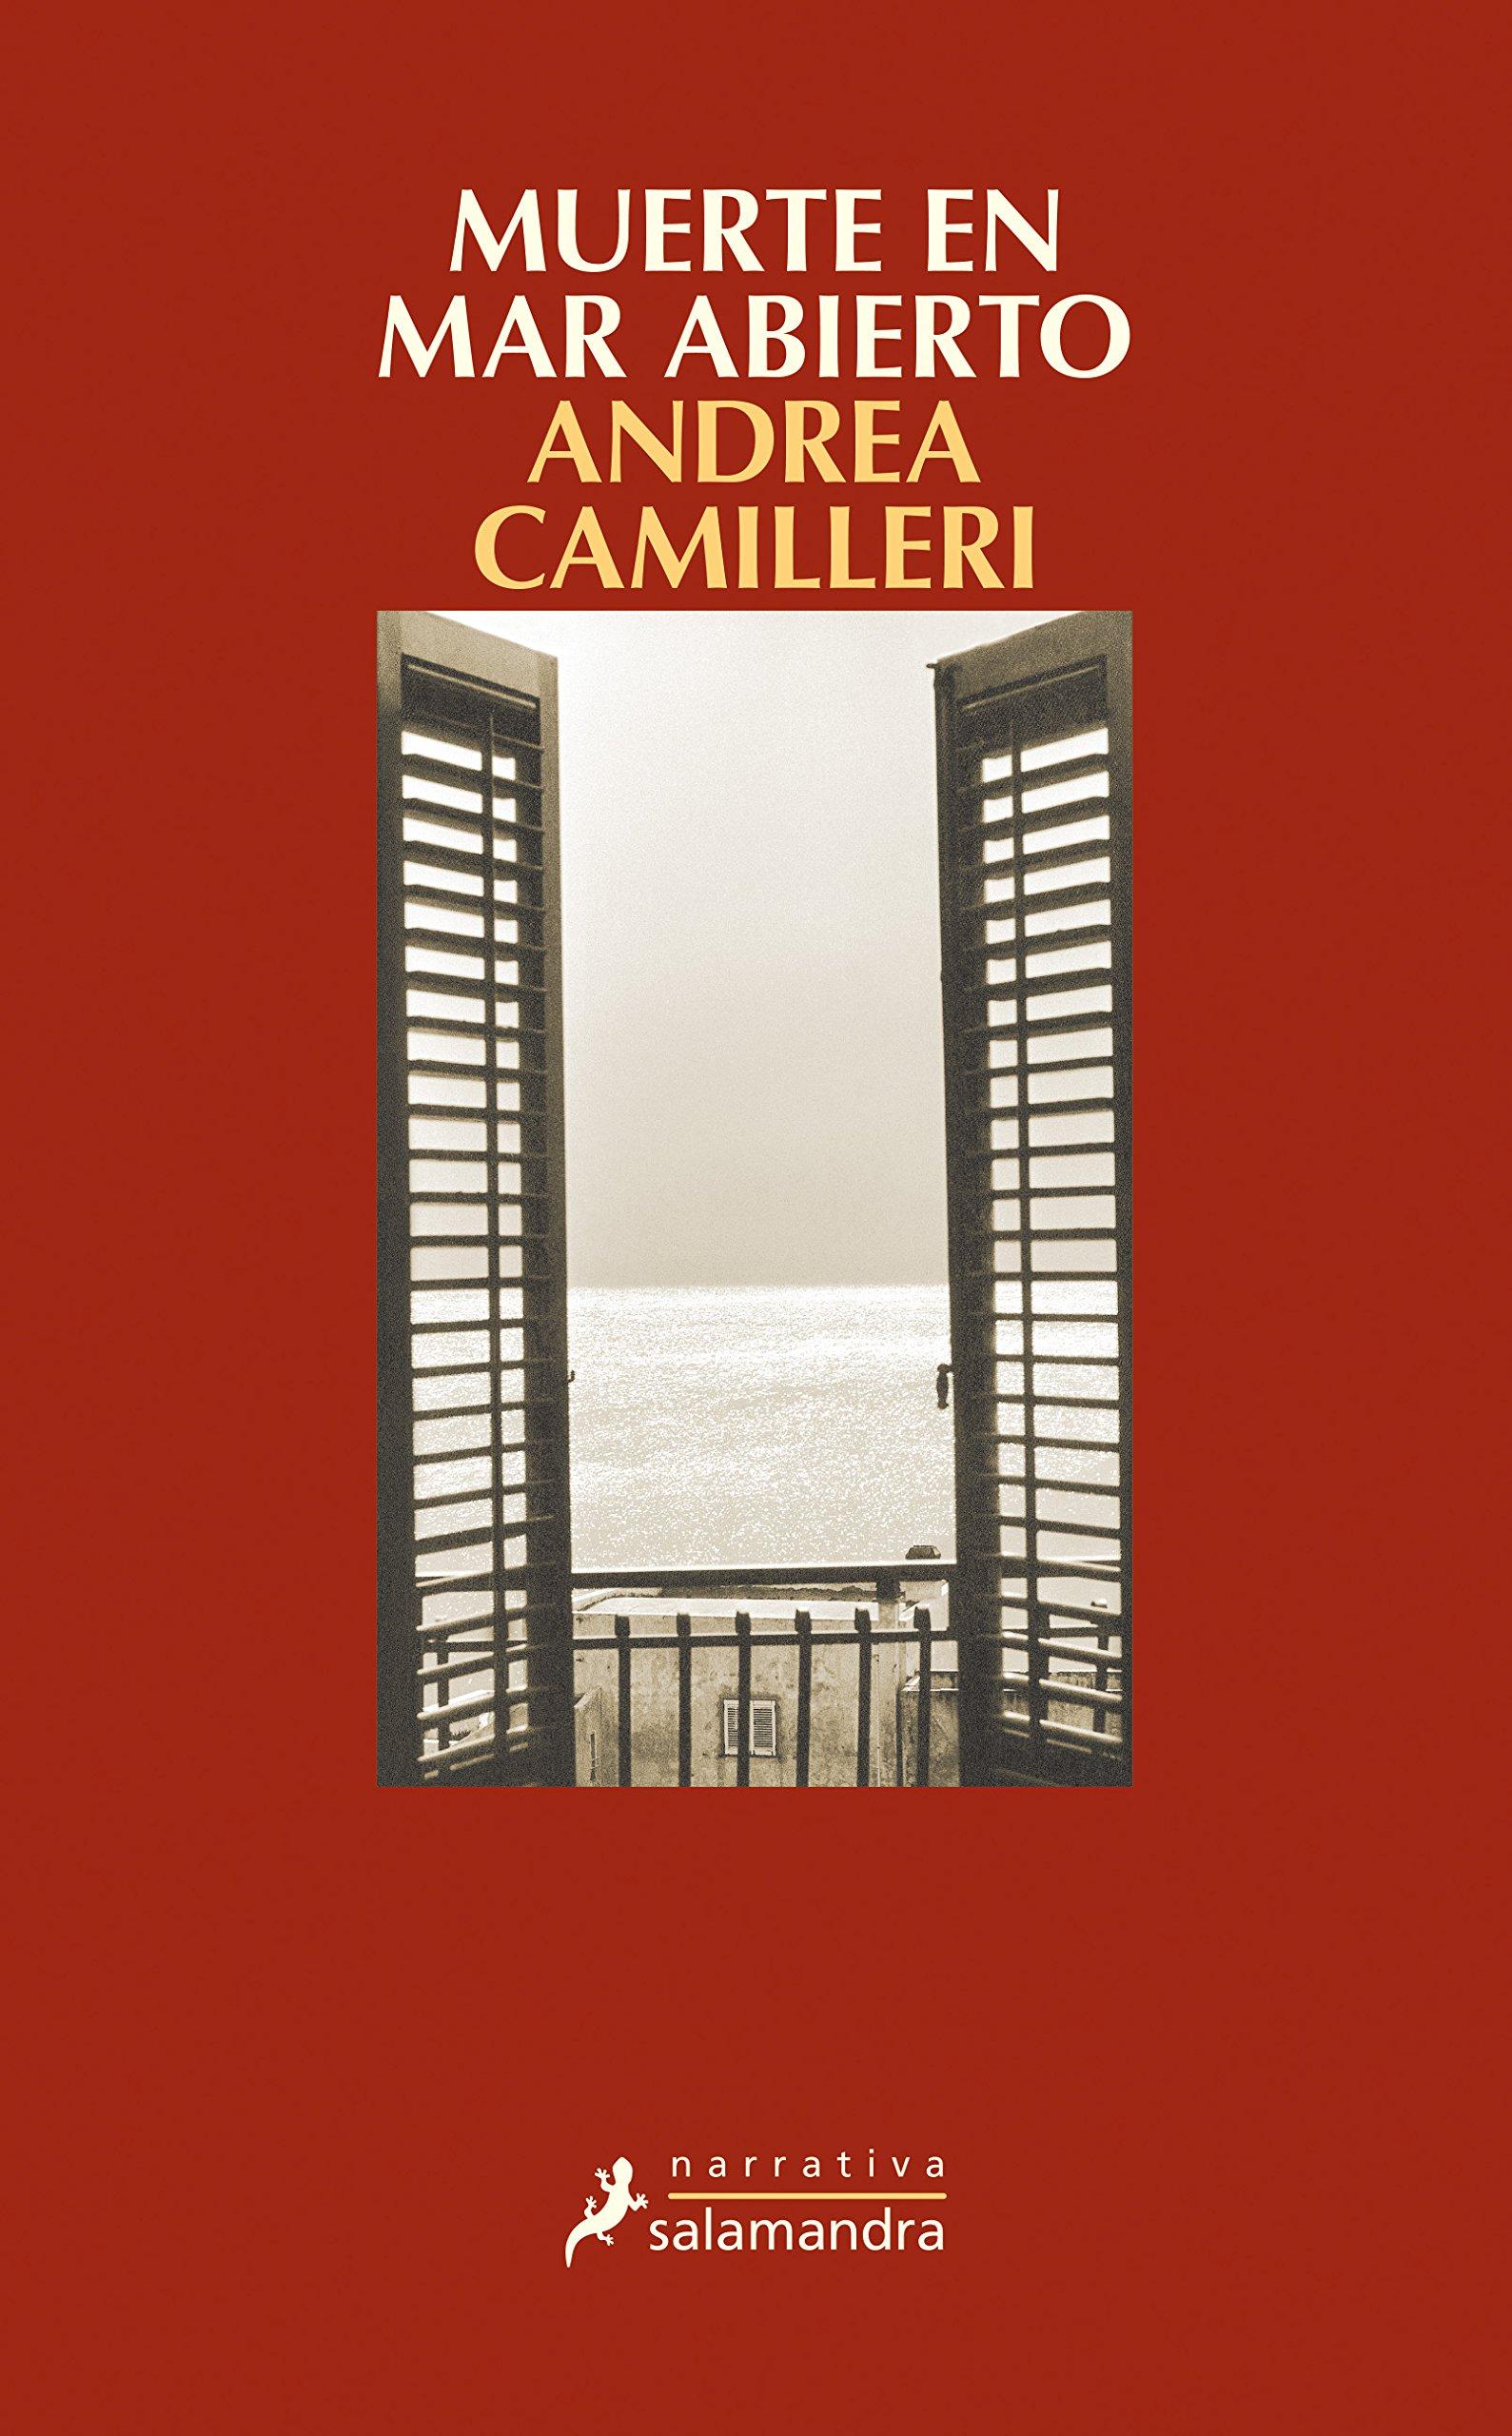 MUERTE EN MAR ABIERTO (Narrativa): Amazon.es: Andrea Camilleri, Carlos  Mayor Ortega: Libros